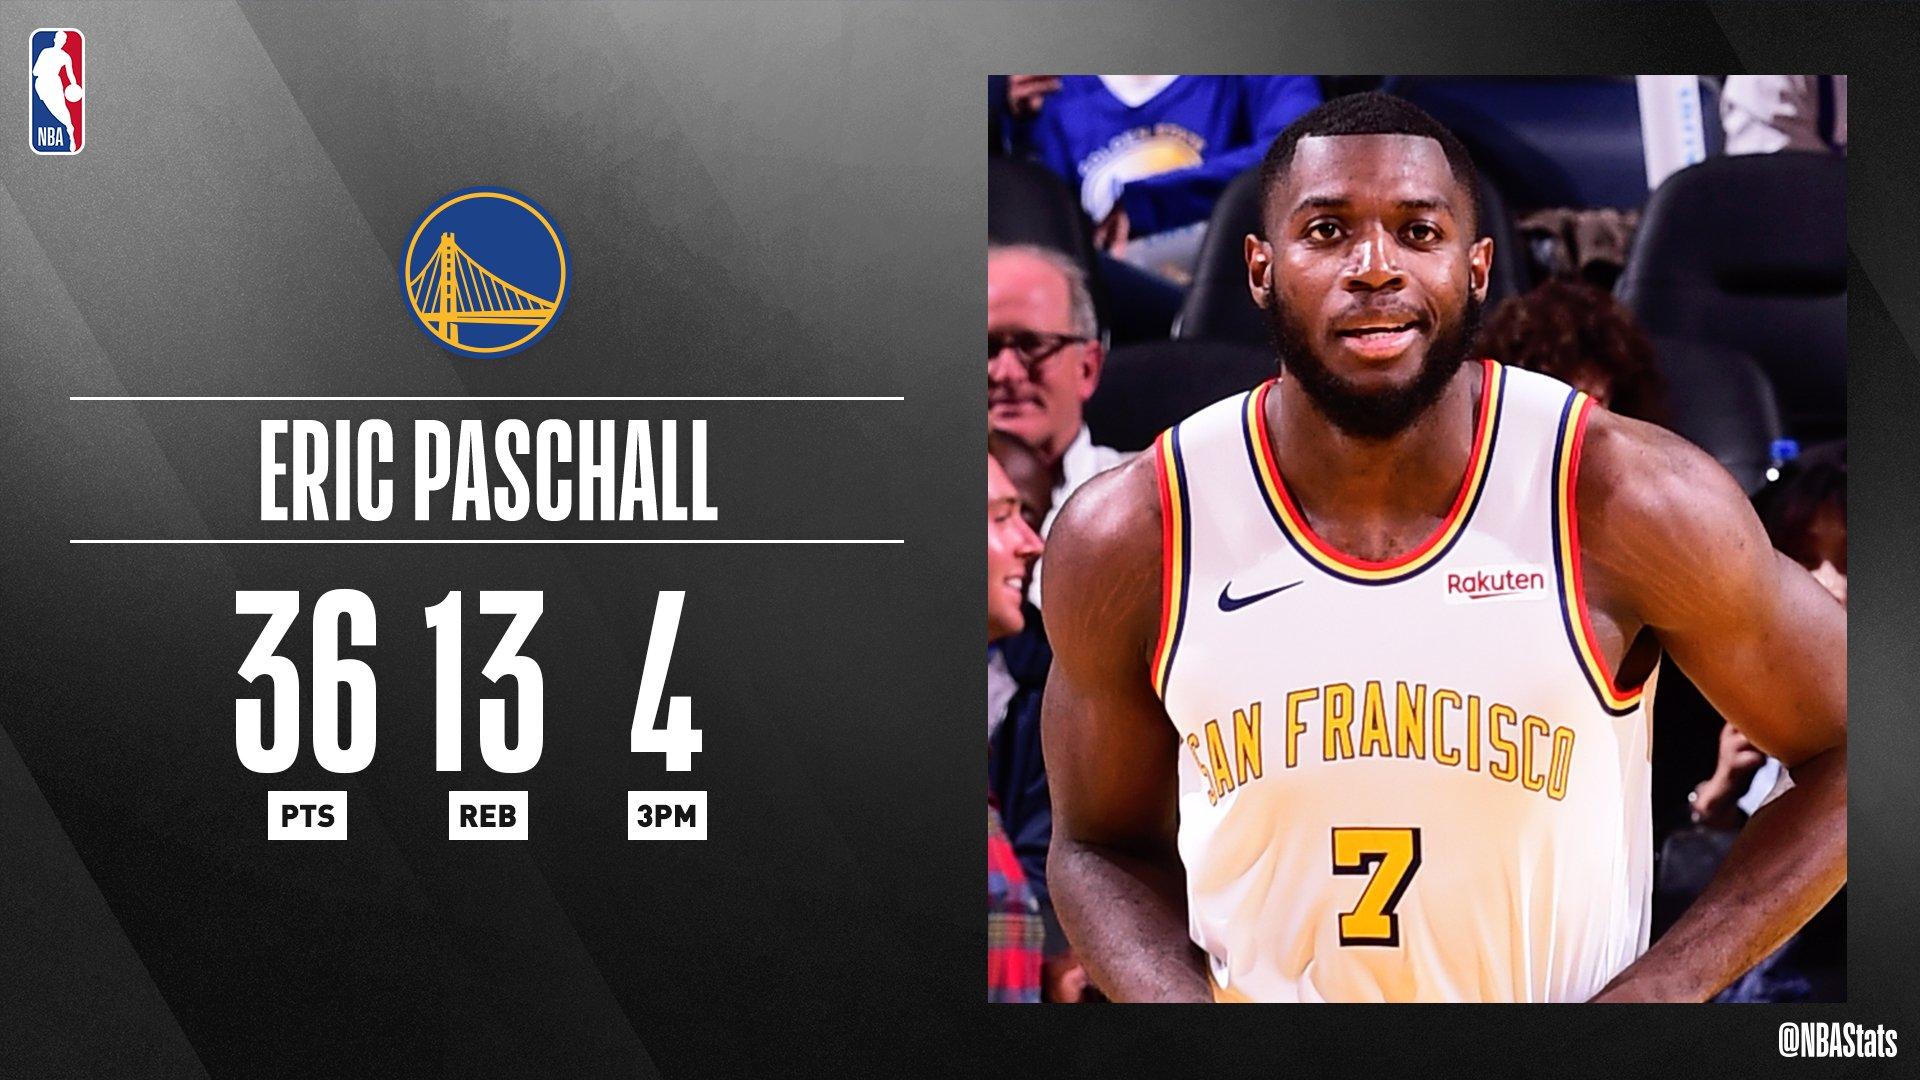 NBA官方评选今日最佳数据:帕斯卡尔34分13篮板当选